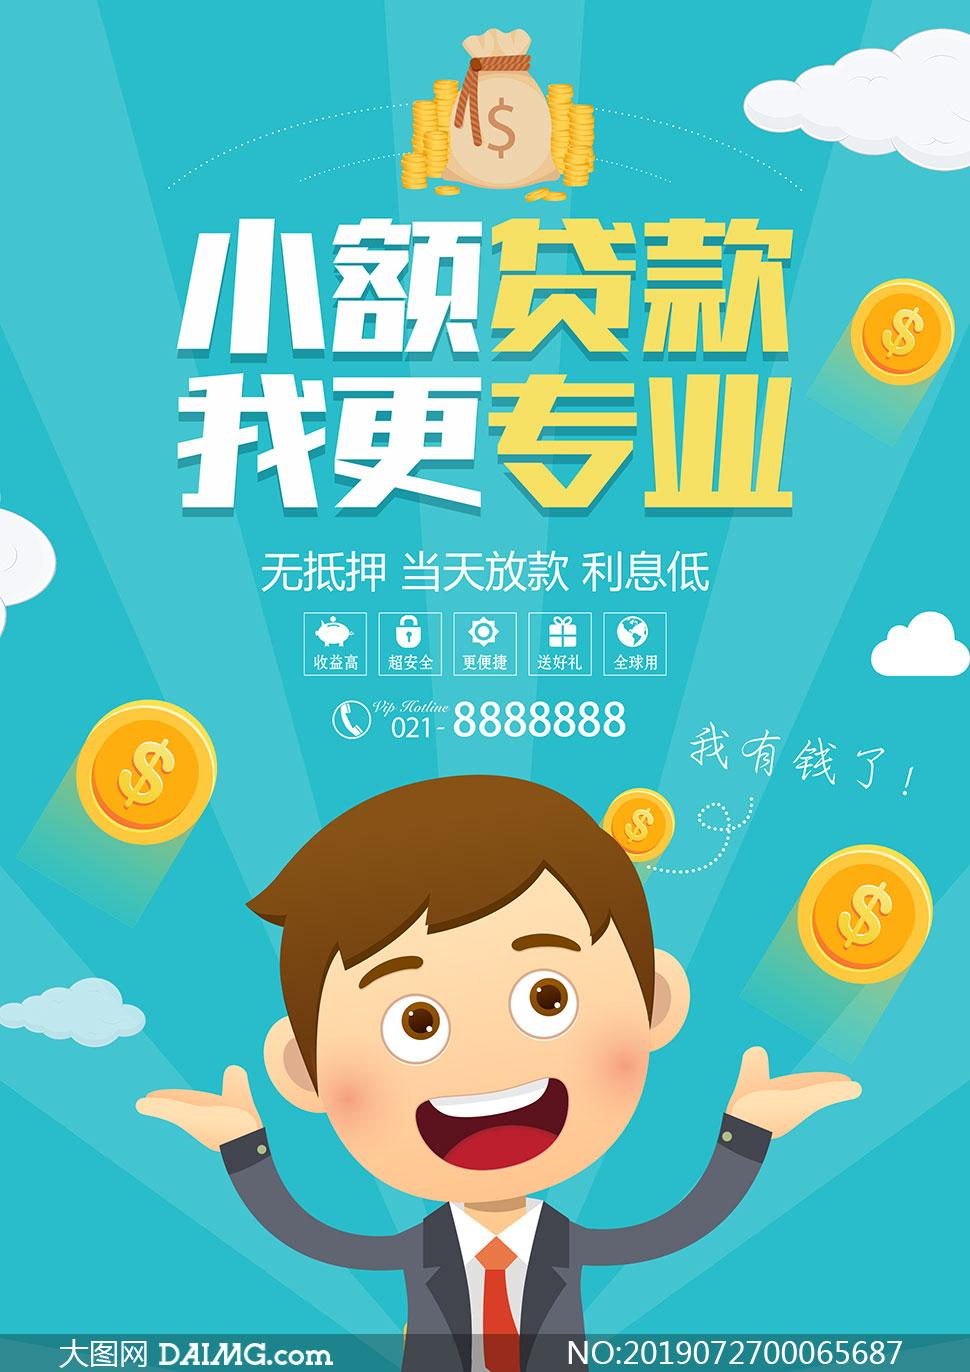 小额贷款宣传海报设计PSD素材